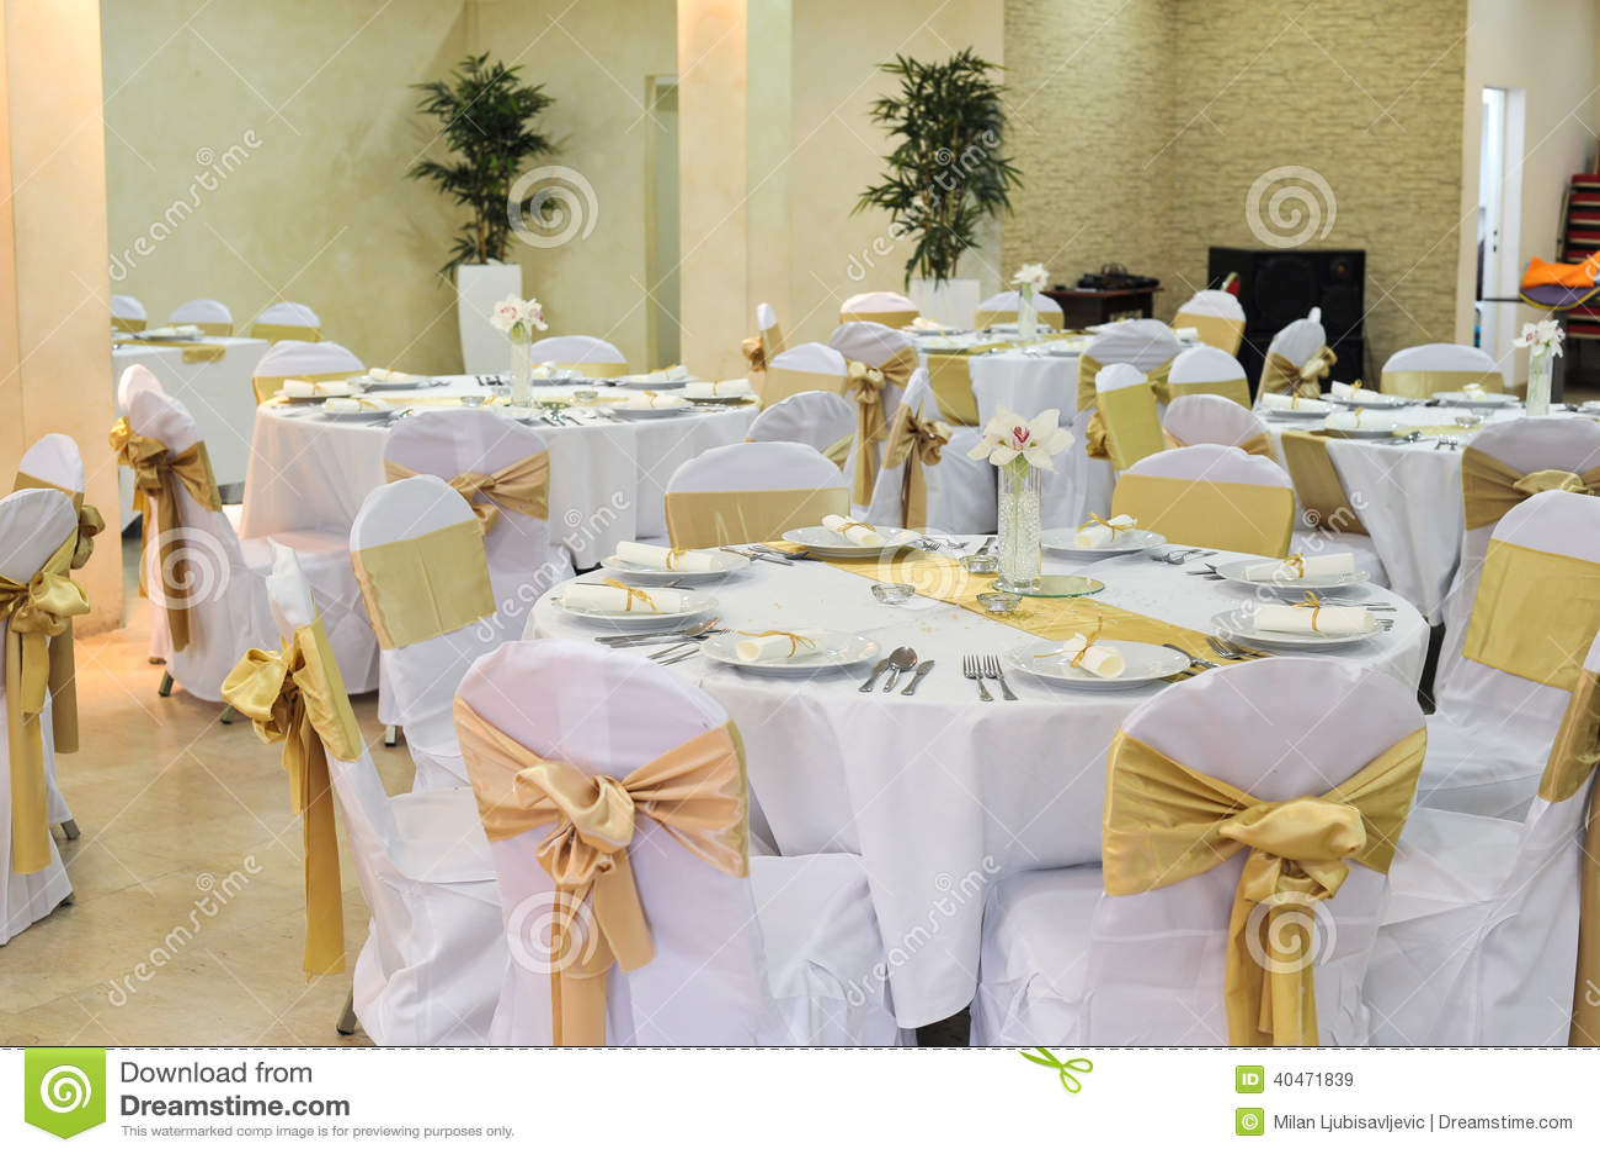 Wedding Hall Setup Stock Photo Image 40471839